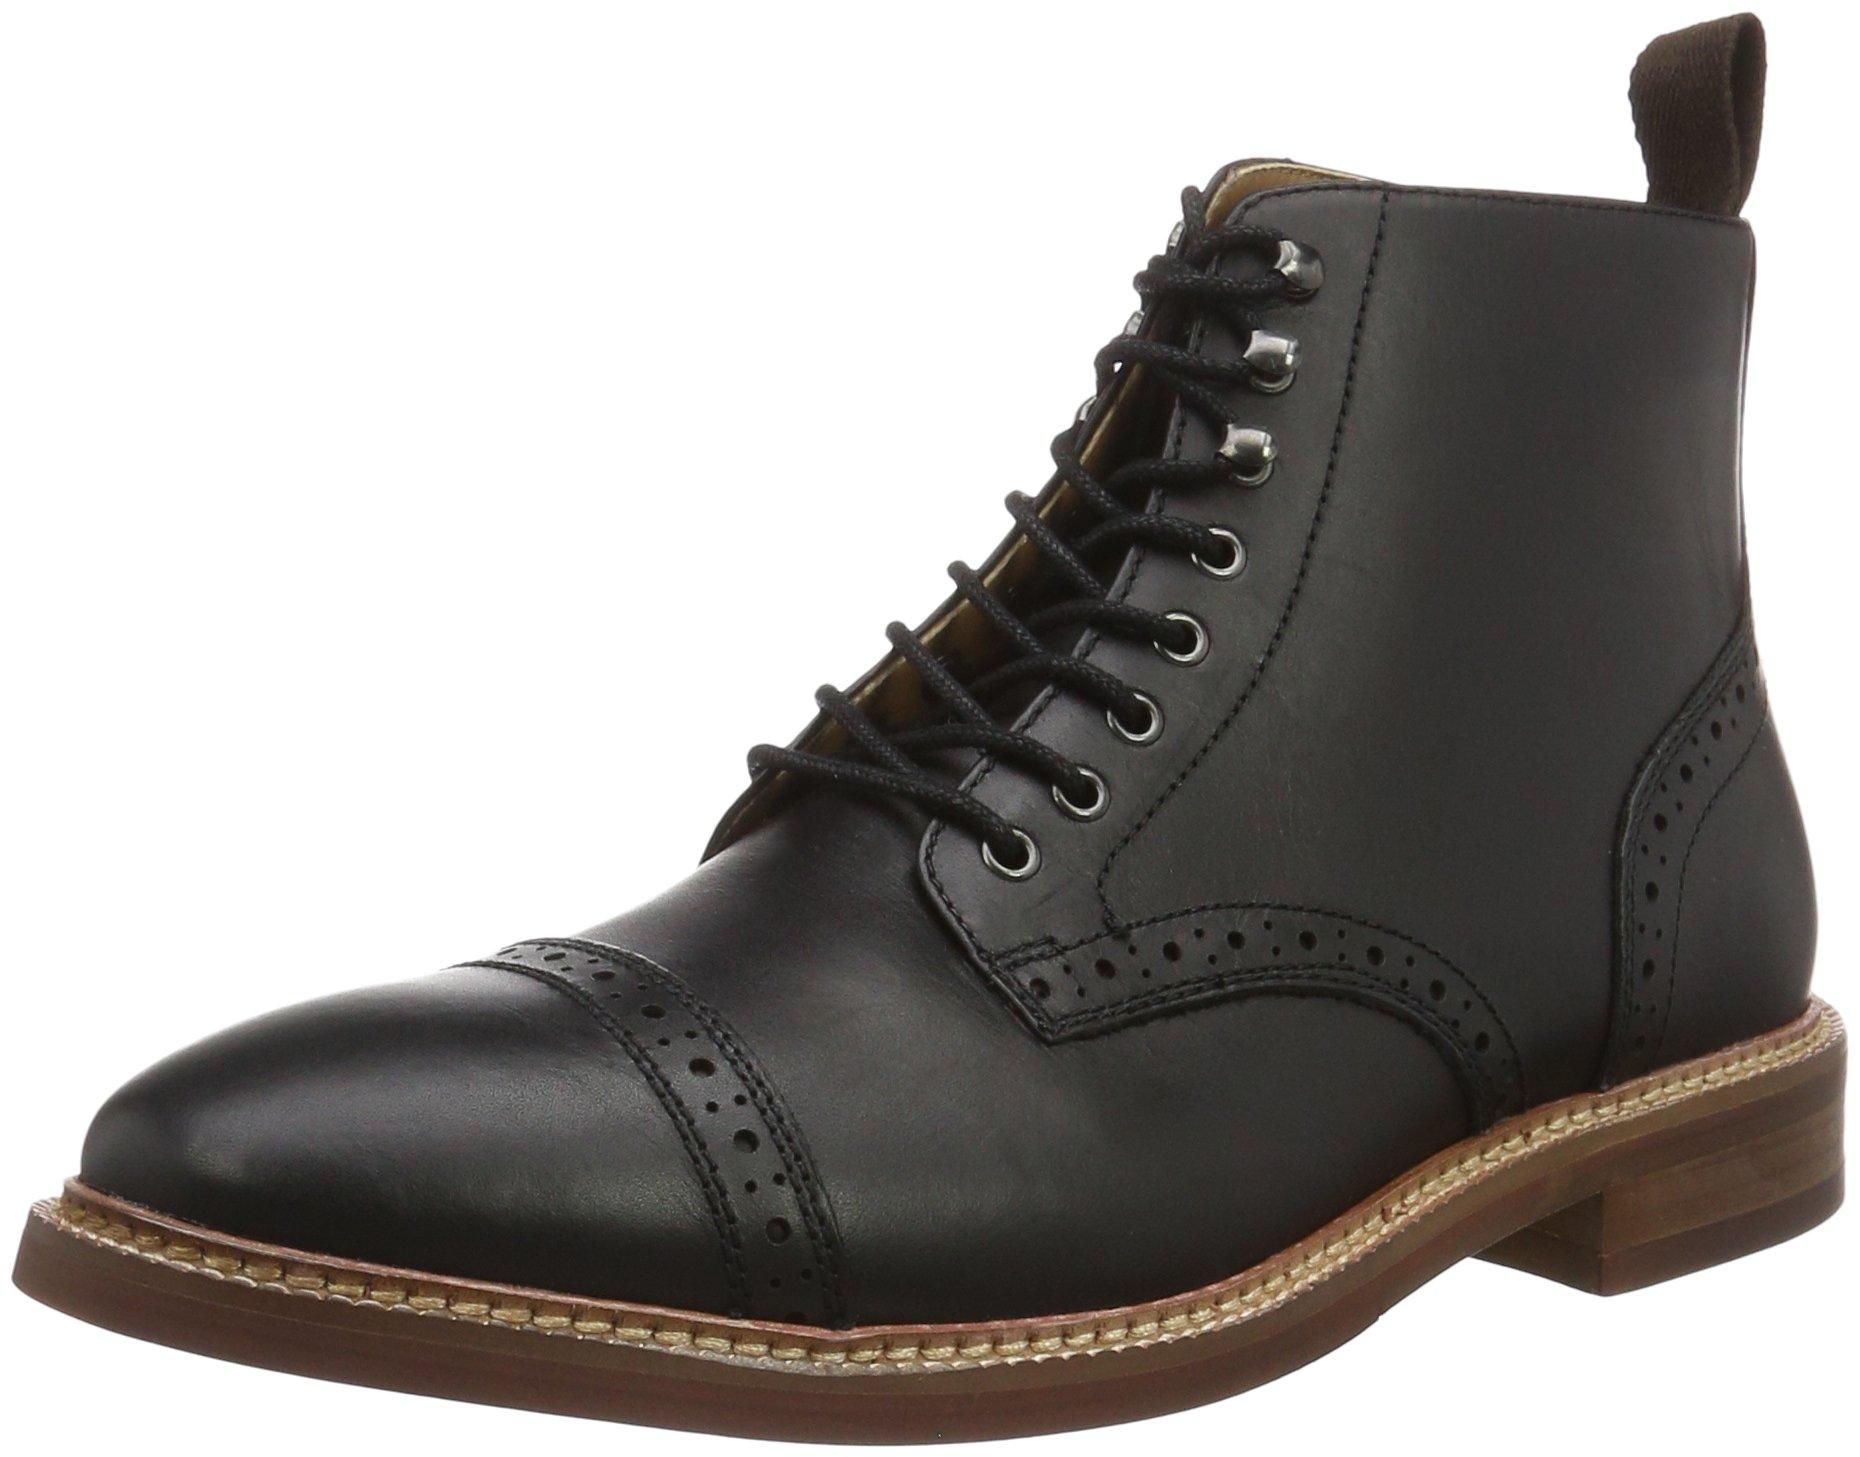 aldo s gwilawen ankle boots black black leather 8 uk